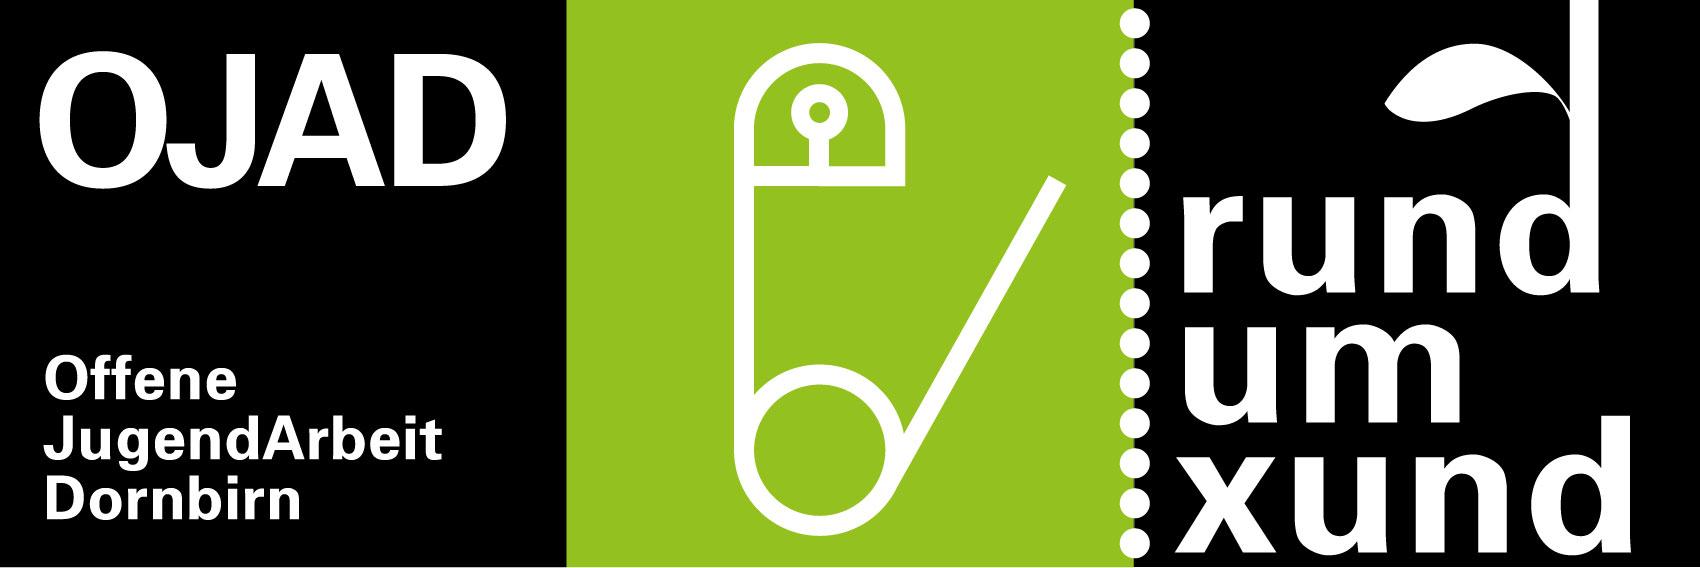 OJAD-Logo-rundumxund-gruen